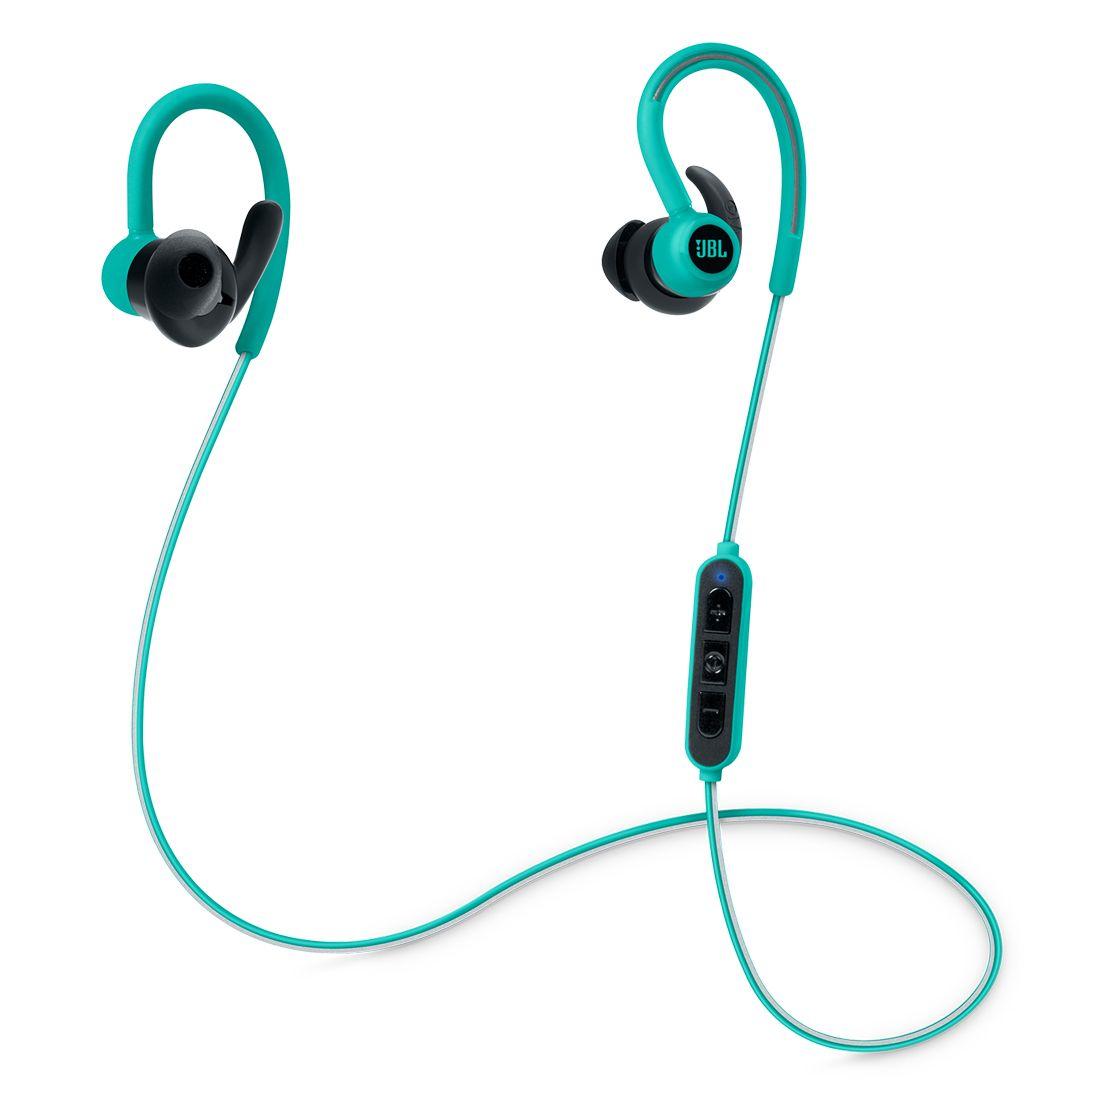 JBL Reflect Contour Wireless Sport In-Ear Headphones - Teal